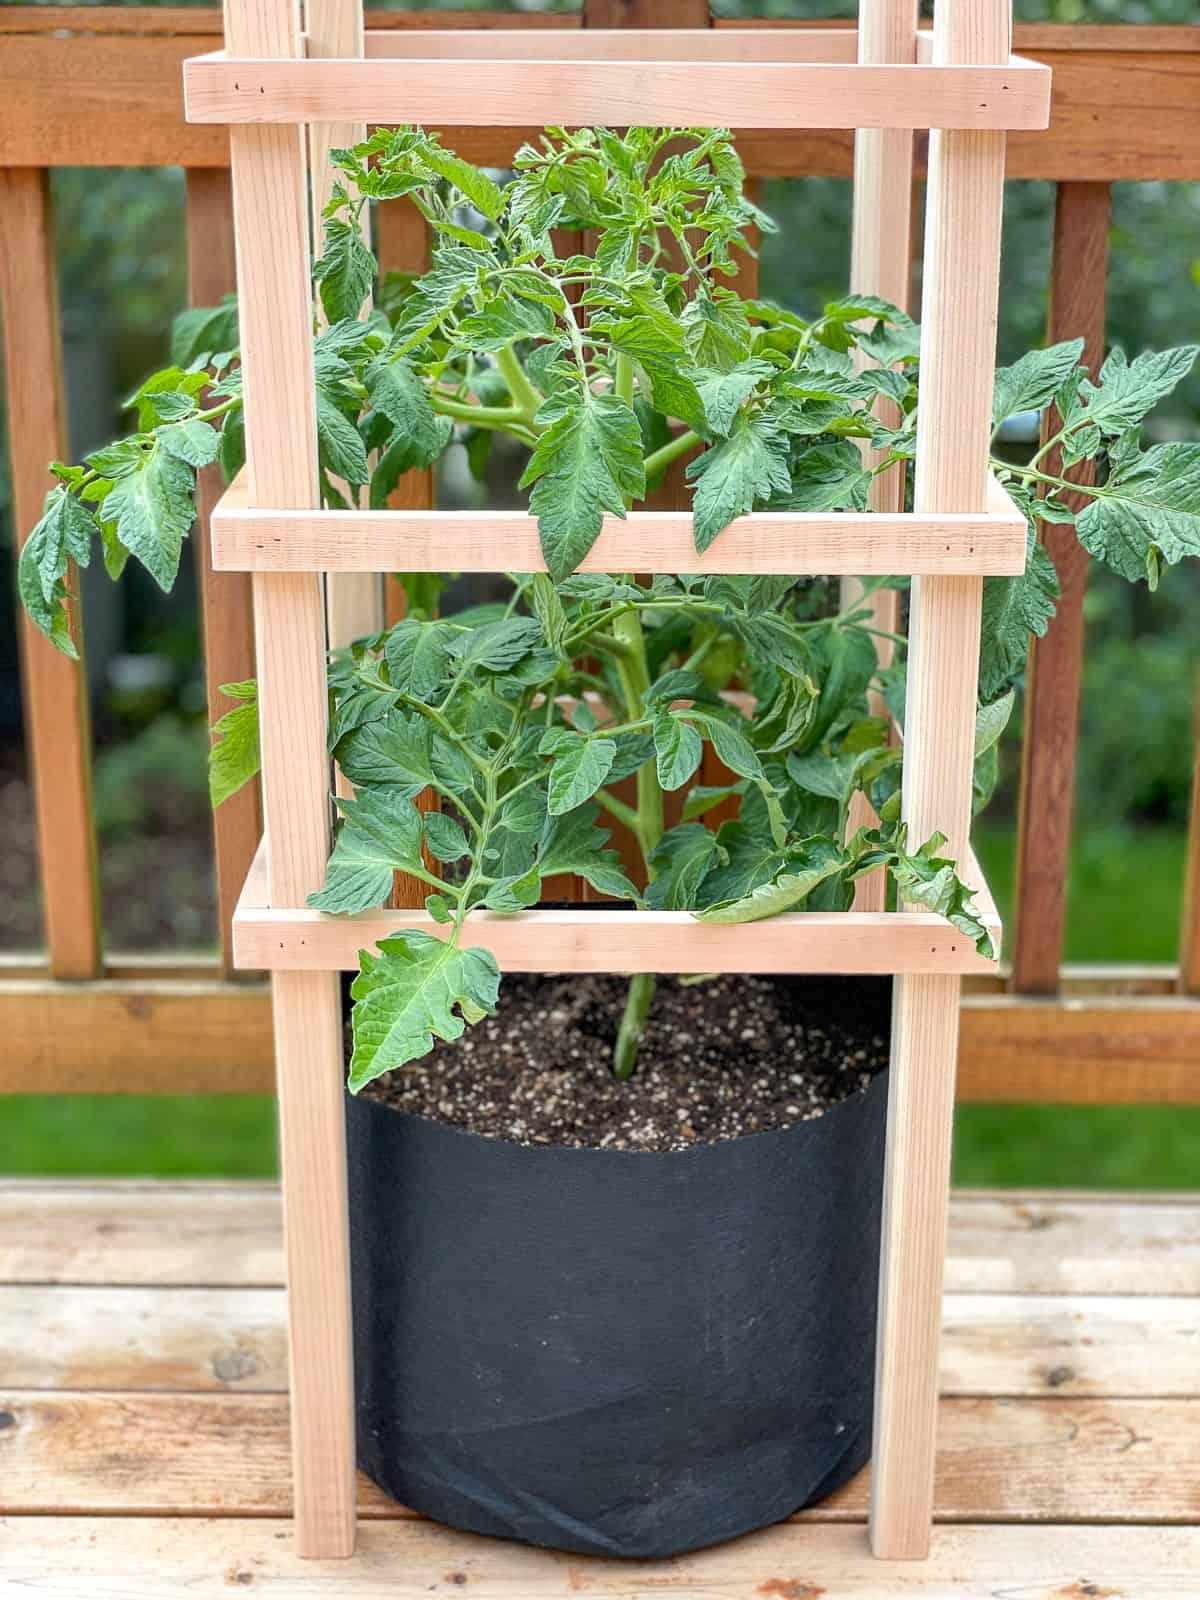 DIY tomato trellis with potted tomato plant